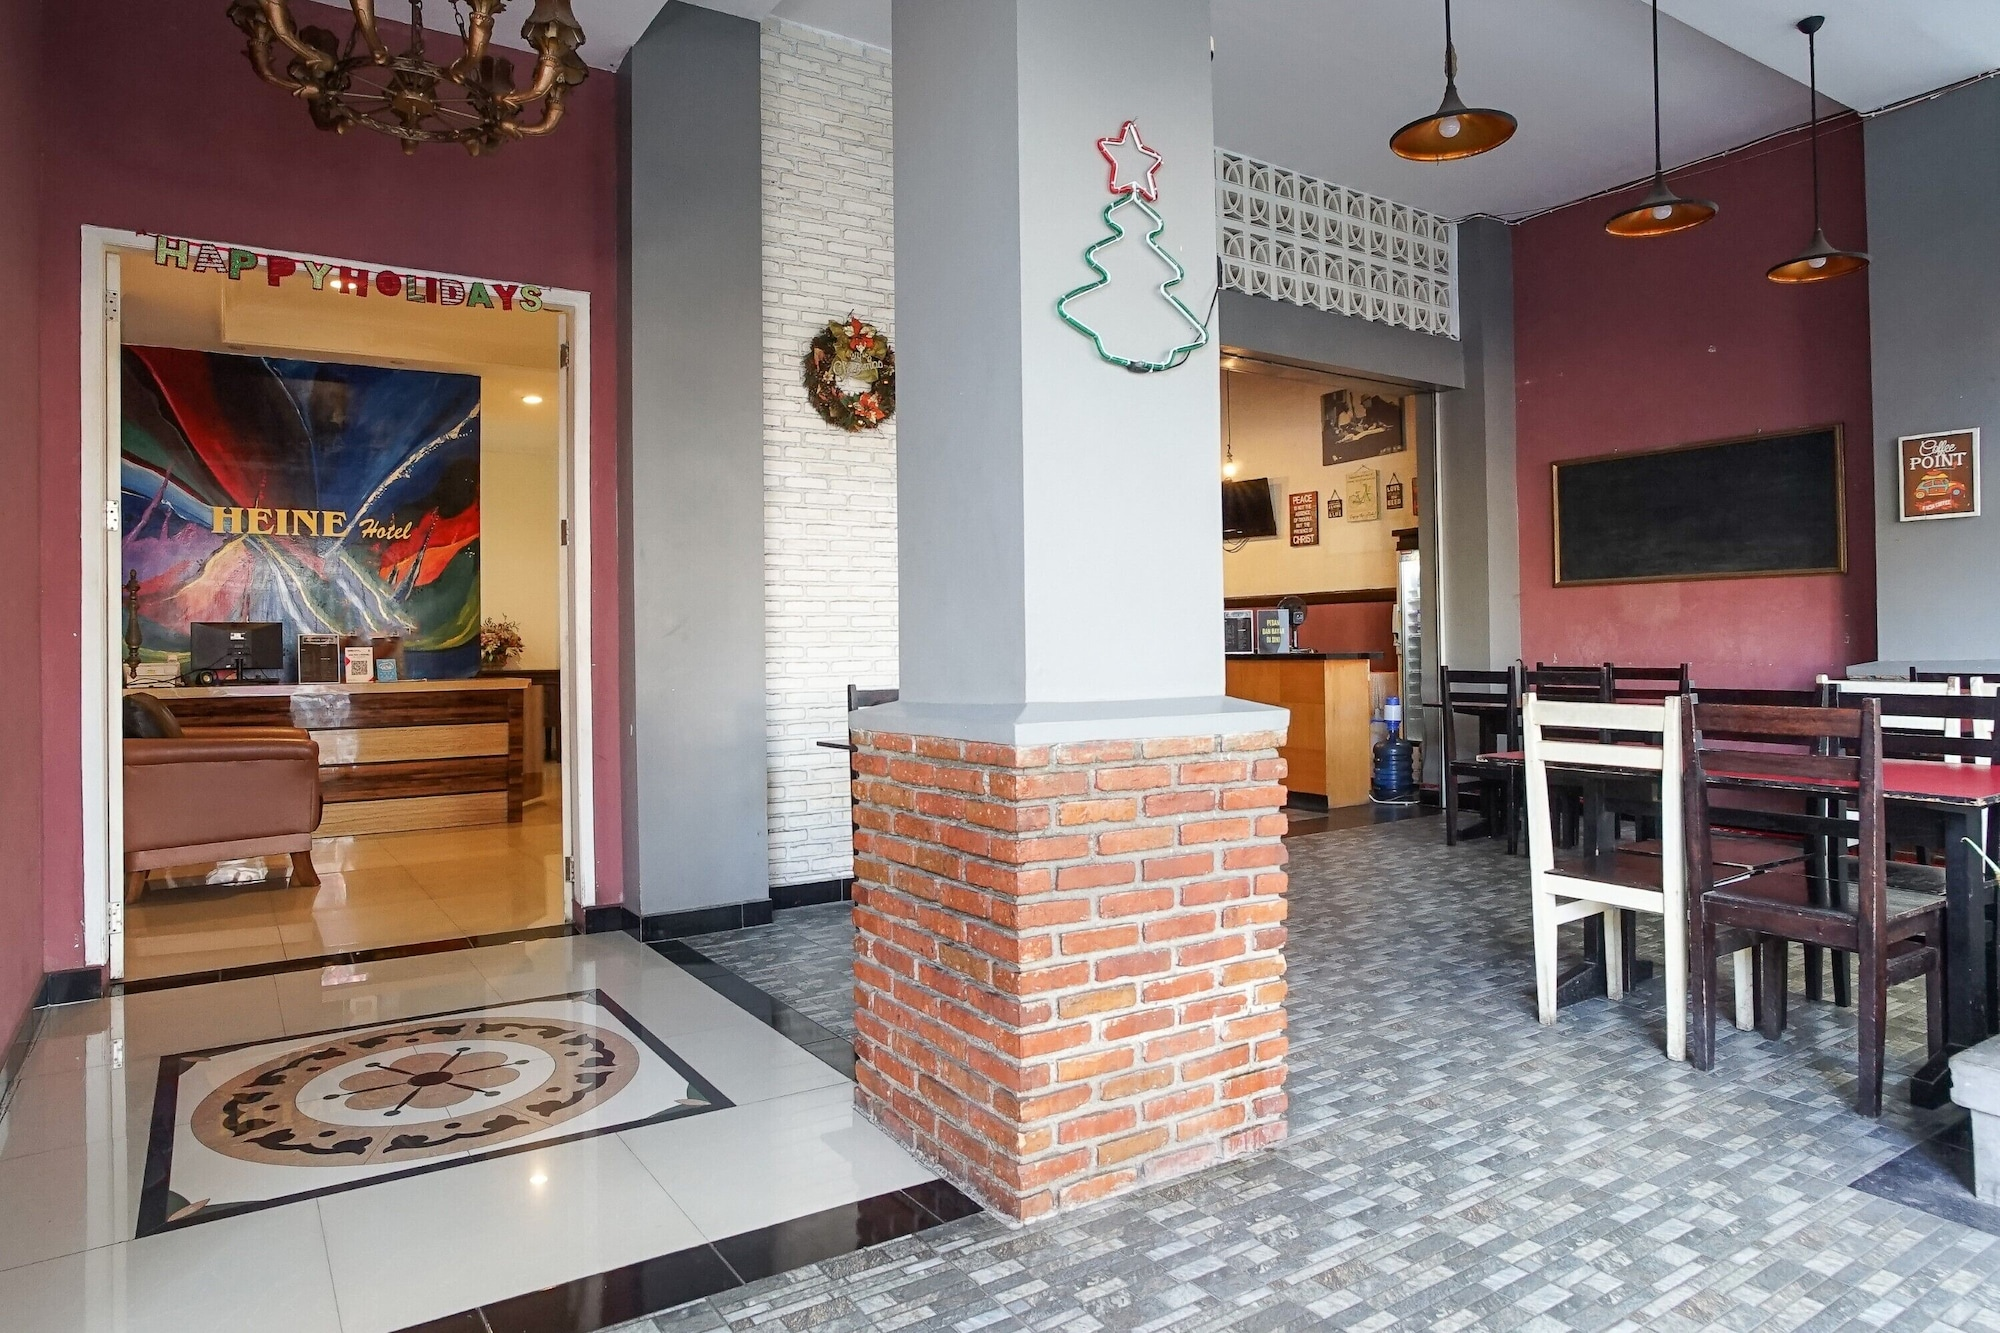 HEINE HOTEL, Manado